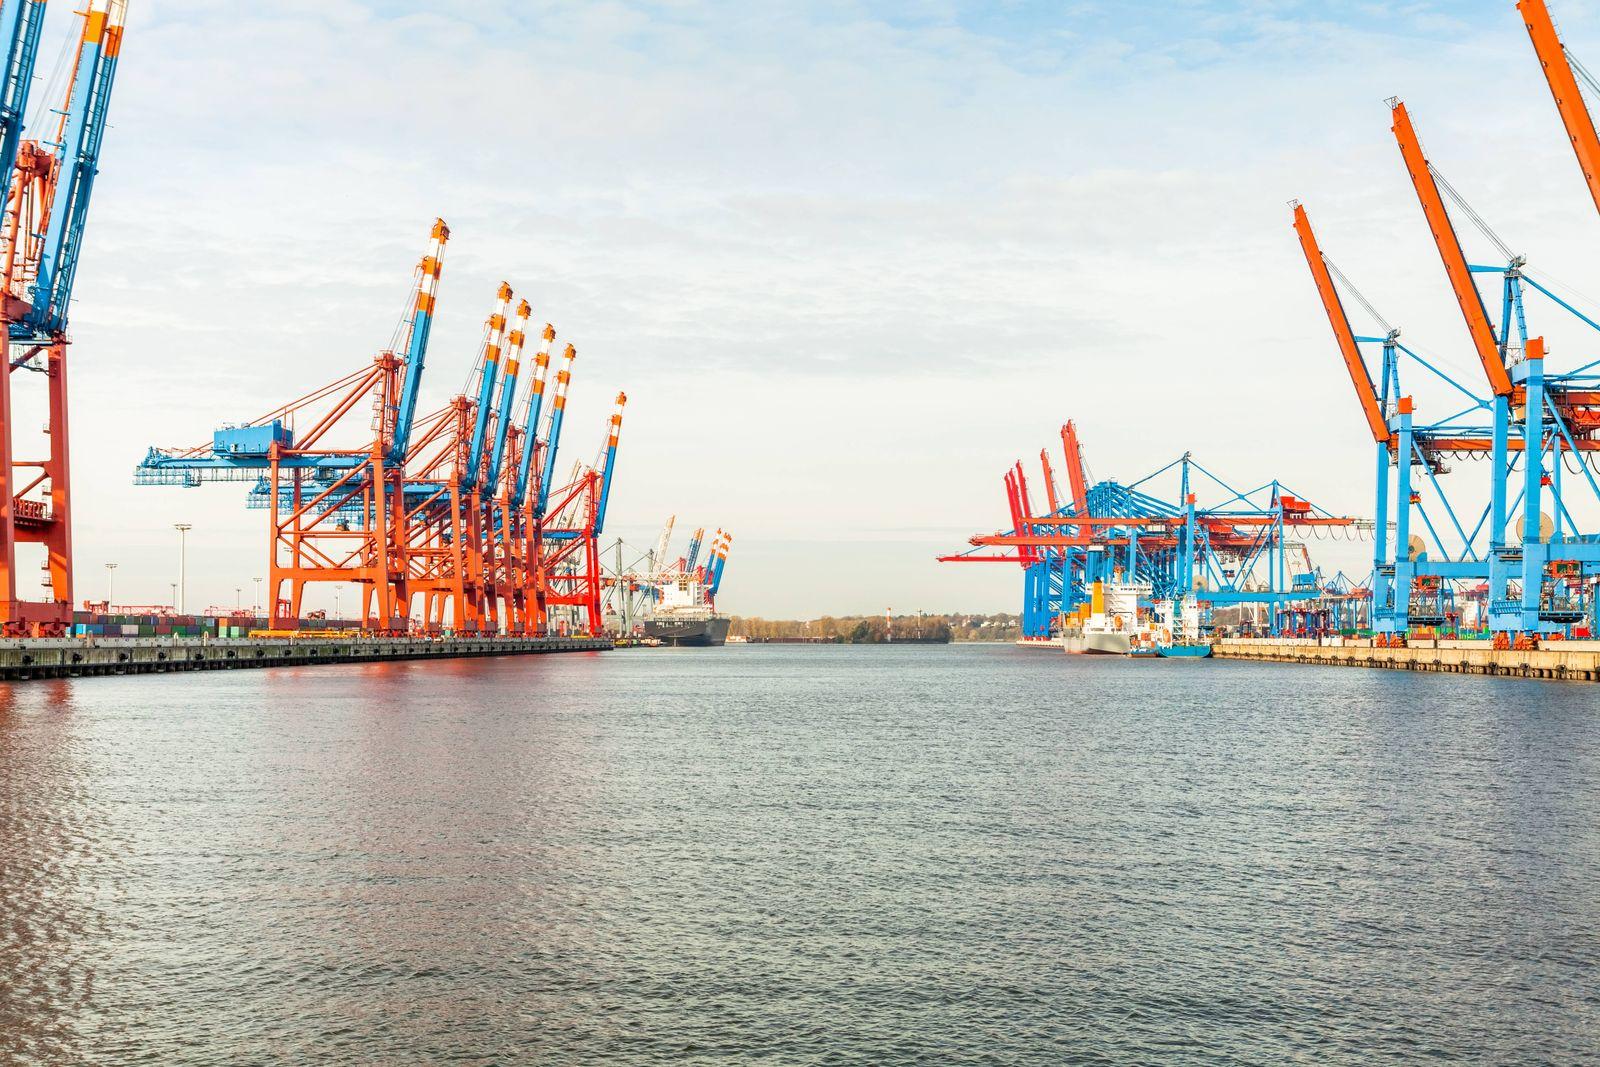 kontainerkran beladung hafen in hamburg an der elbe meer transport handel fracht